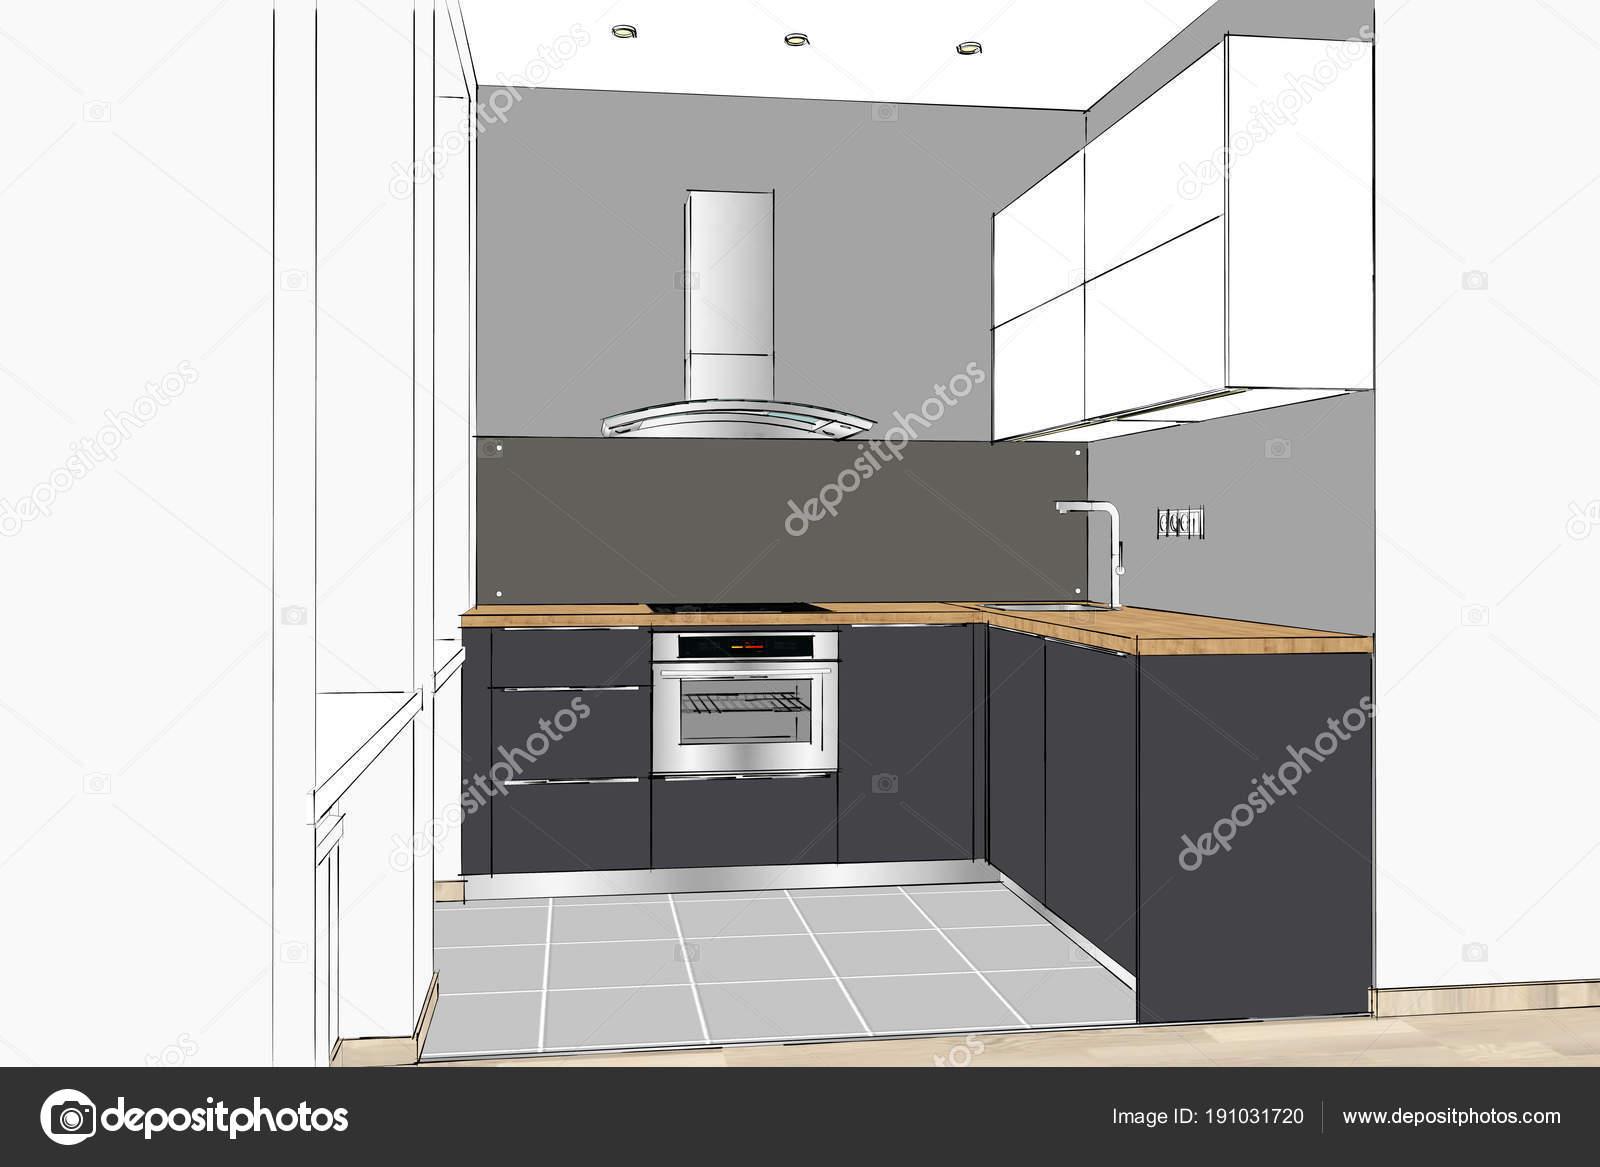 Renderizado Moderna Cocina Diseño Interior Del Apartamento